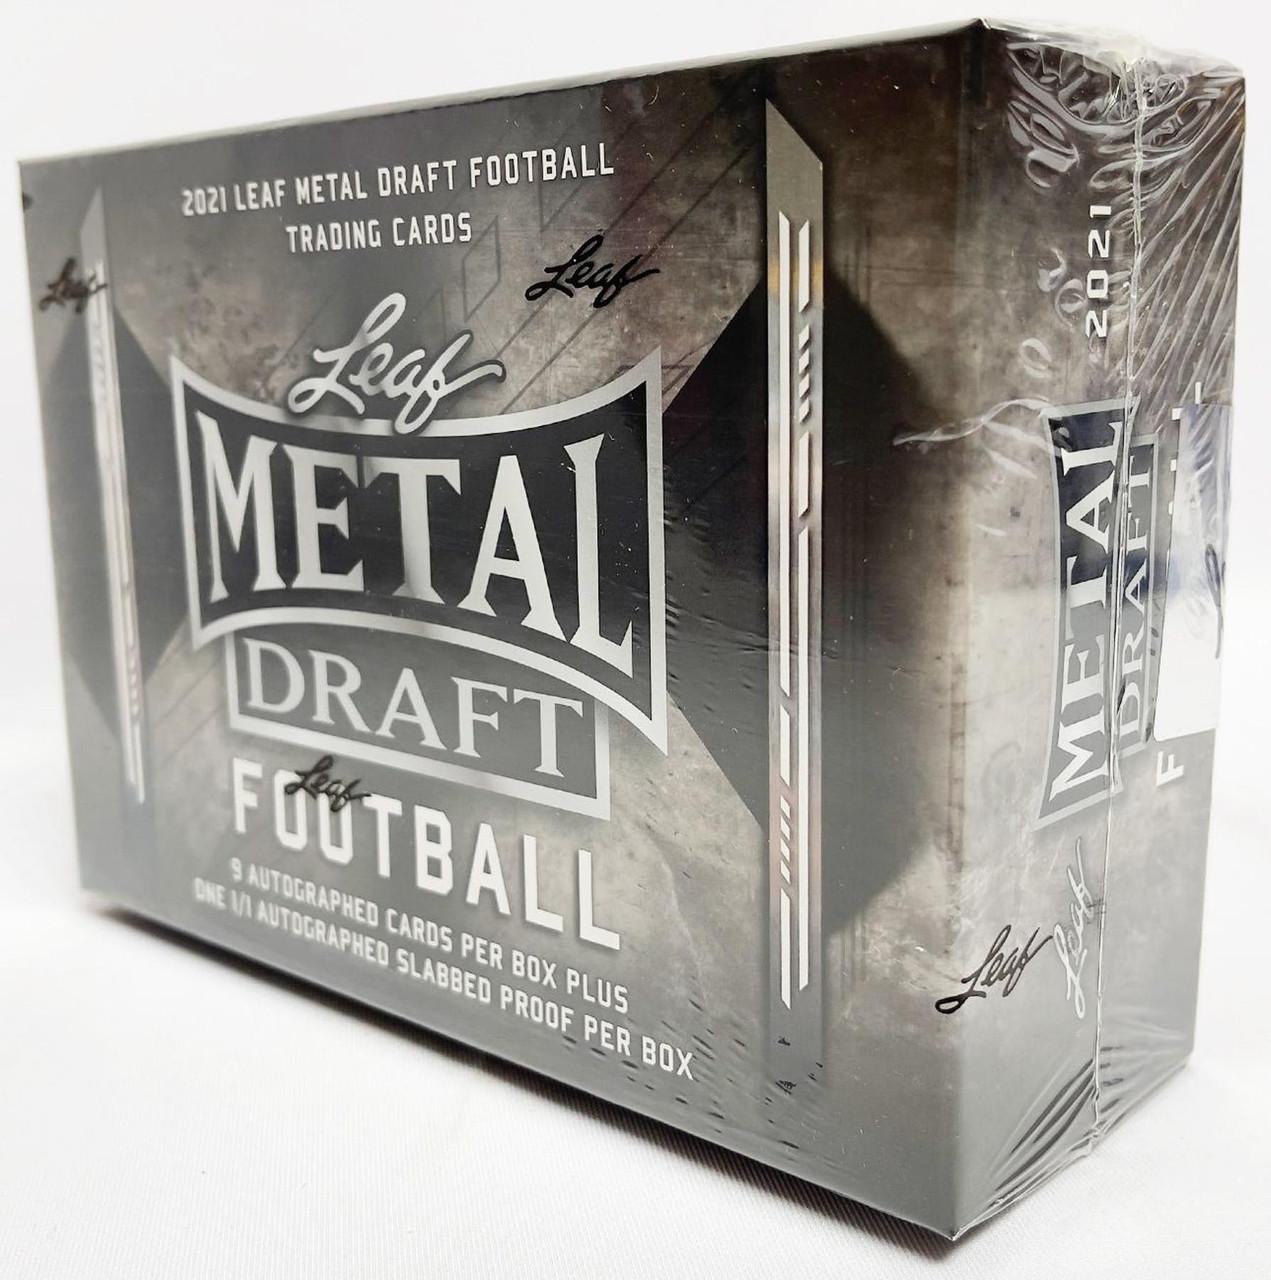 2021 Leaf Metal Draft Football Hobby Jumbo Box